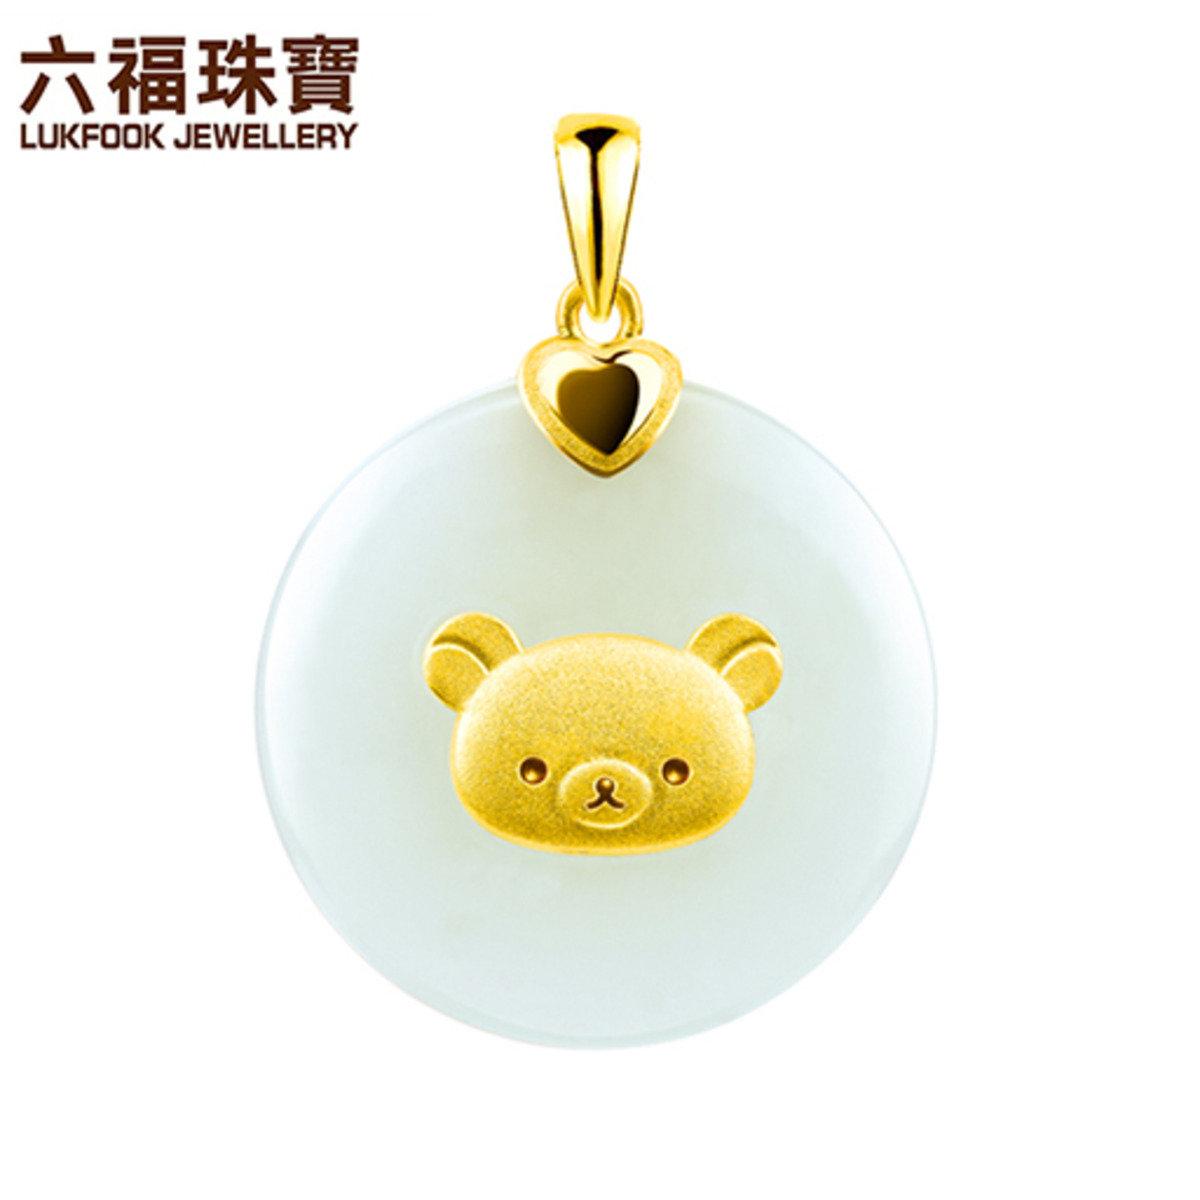 輕鬆小熊 Au999.9襯和田玉吊墜